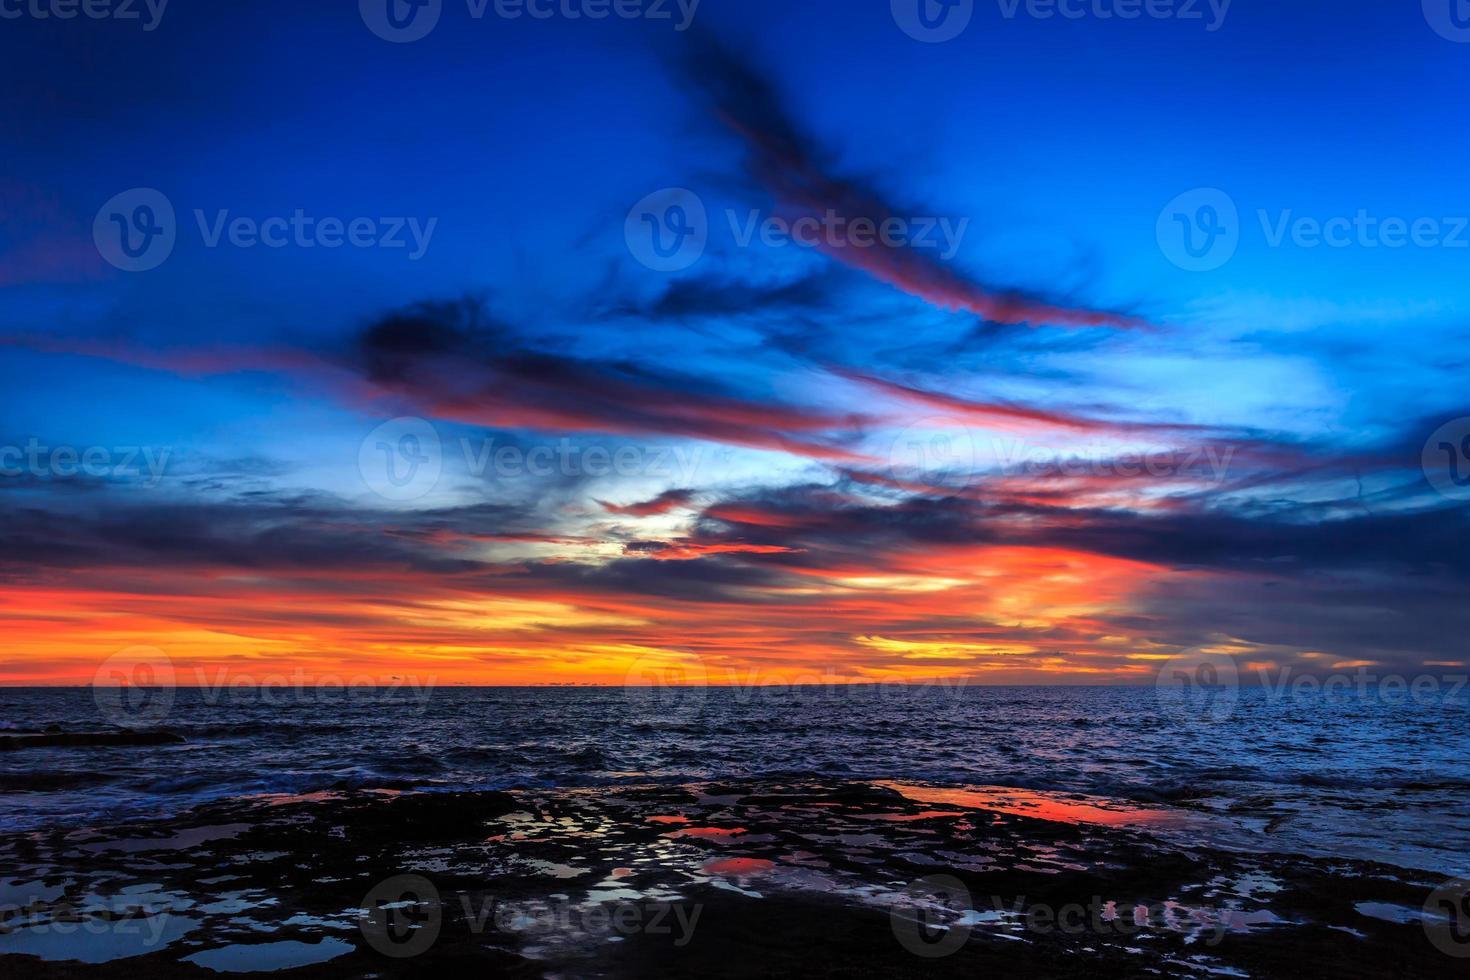 dramatischer Sonnenuntergang in Bali foto